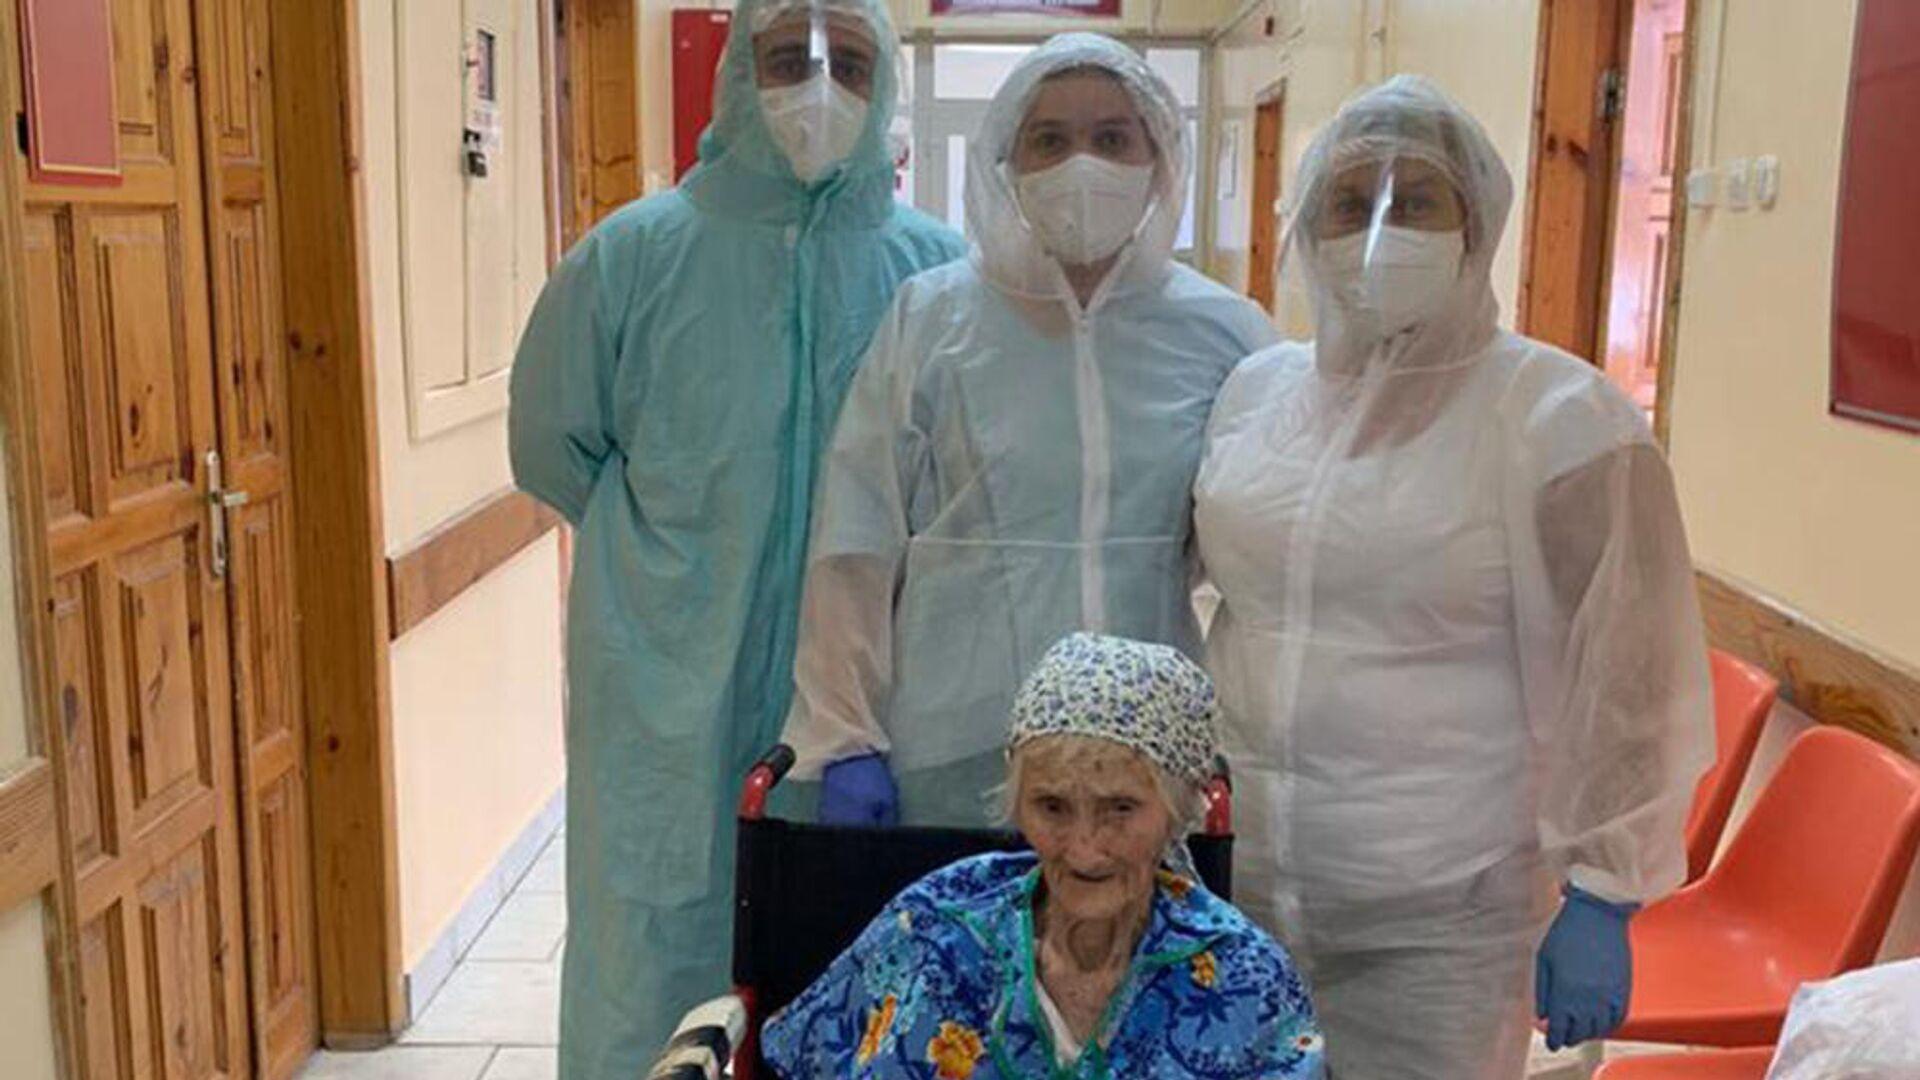 В Липецкой области от COVID-19 вылечили 103-летнюю пациентку - РИА Новости, 1920, 18.08.2021